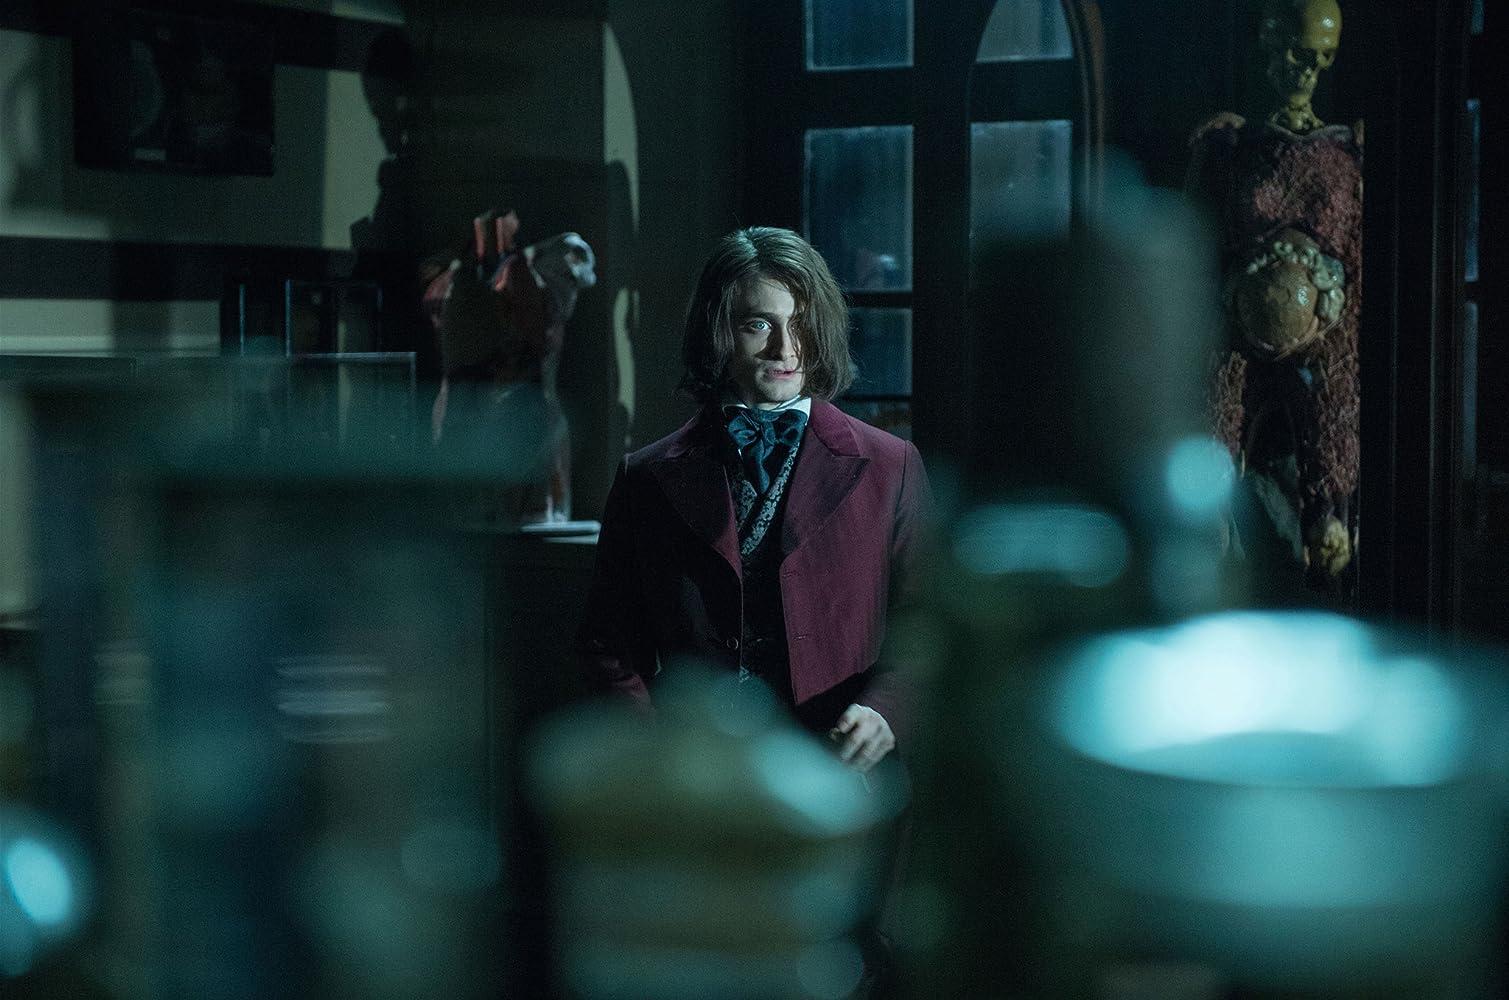 Daniel Radcliffe in Victor Frankenstein (2015)